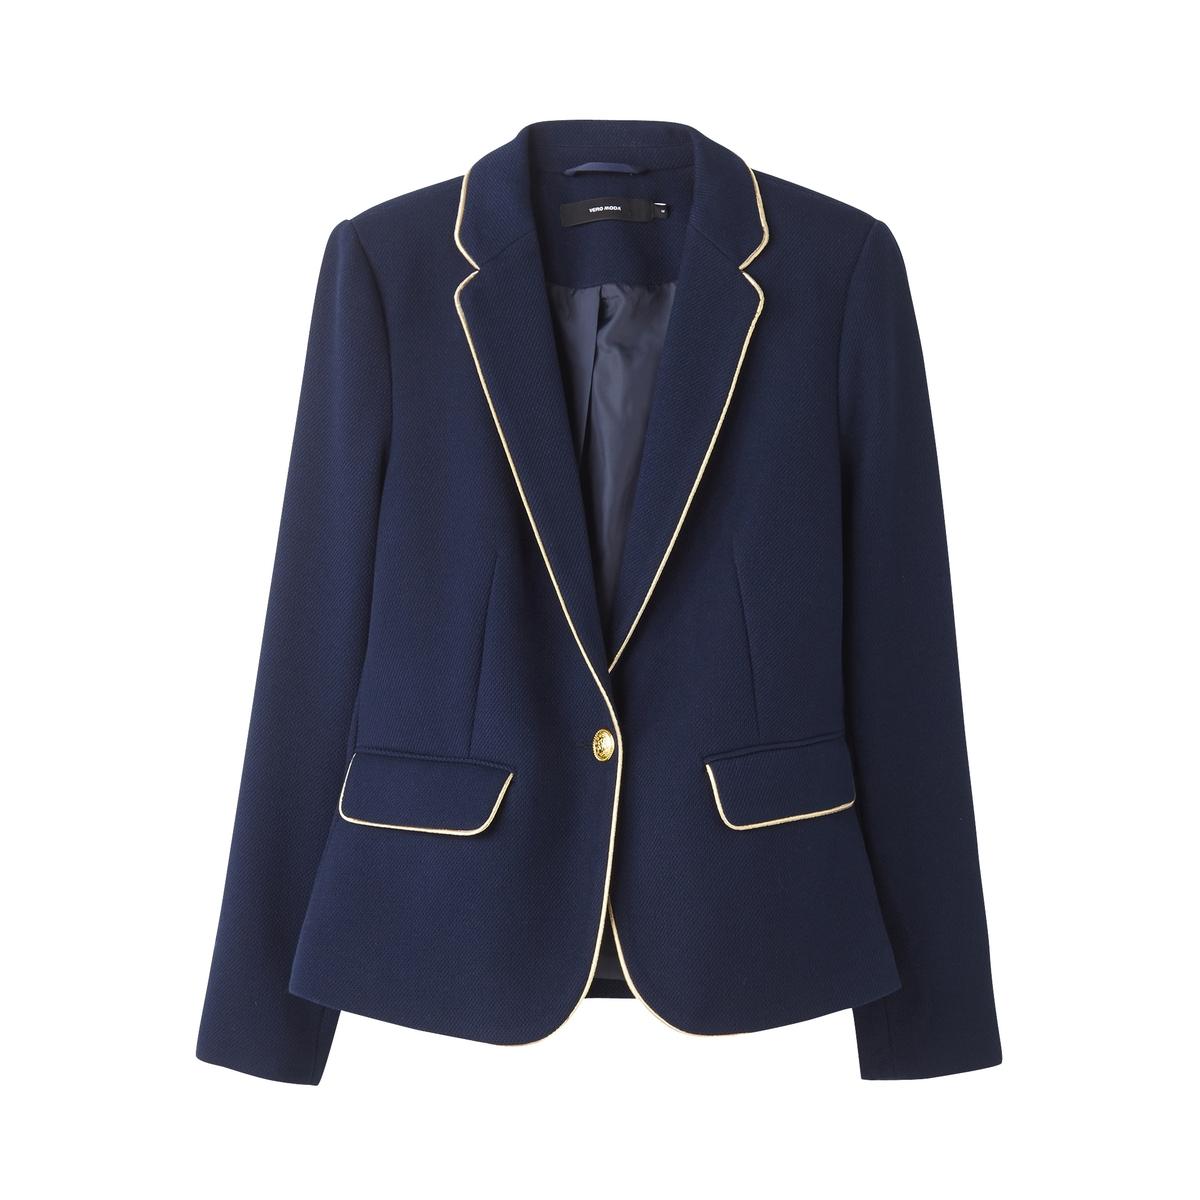 Куртка приталеннаяДетали •  Блейзер •  Приталенный покрой  •  Воротник-поло, рубашечный Состав и уход •  60% хлопка, 40% полиэстера  •  Следуйте советам по уходу, указанным на этикетке<br><br>Цвет: темно-синий<br>Размер: M.XS.XL.S